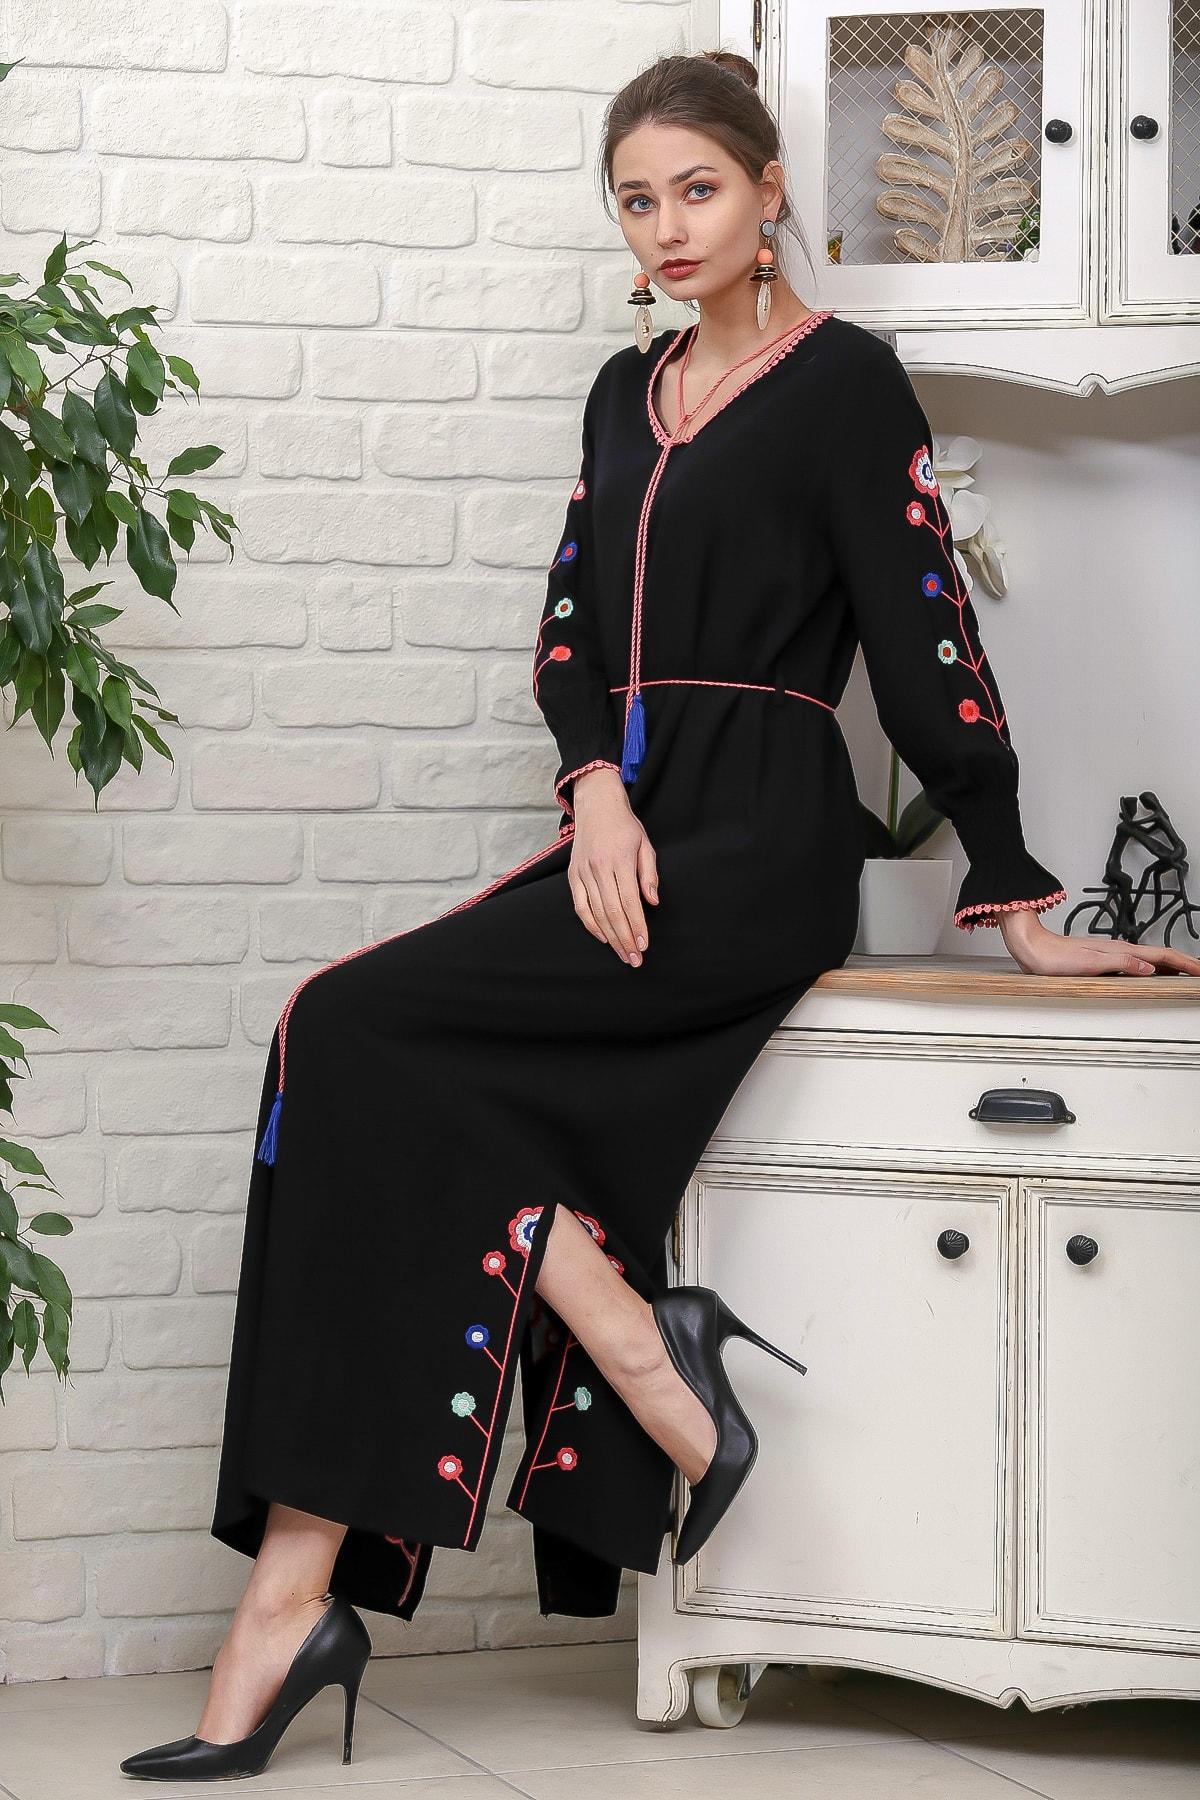 Chiccy Kadın Siyah Kol Ve Yırtmaçları Çiçek Nakışlı Püsküllü Bağcıklı Dokuma Uzun Elbise M10160000EL95942